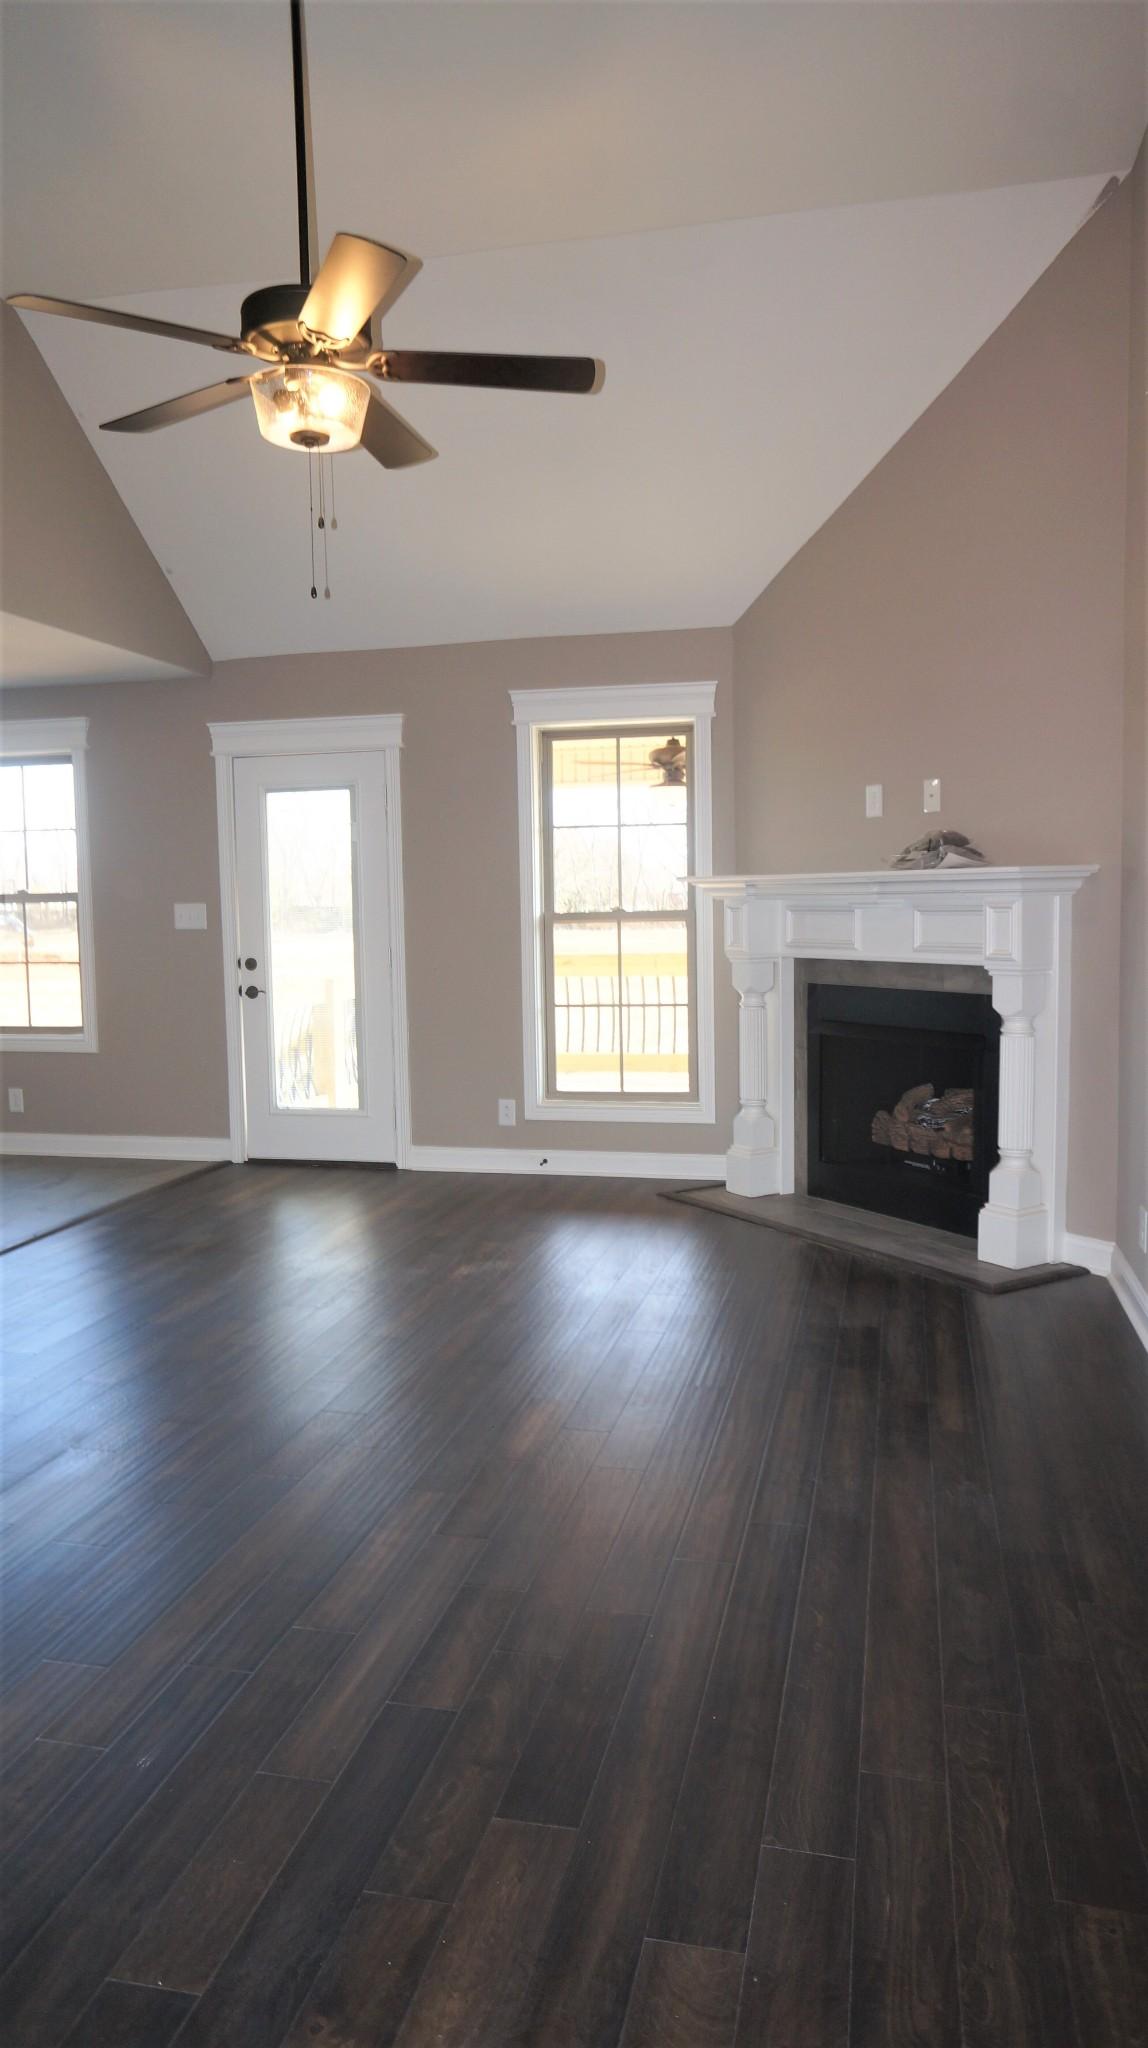 459 Autumnwood Farms , Clarksville, TN 37042 - Clarksville, TN real estate listing